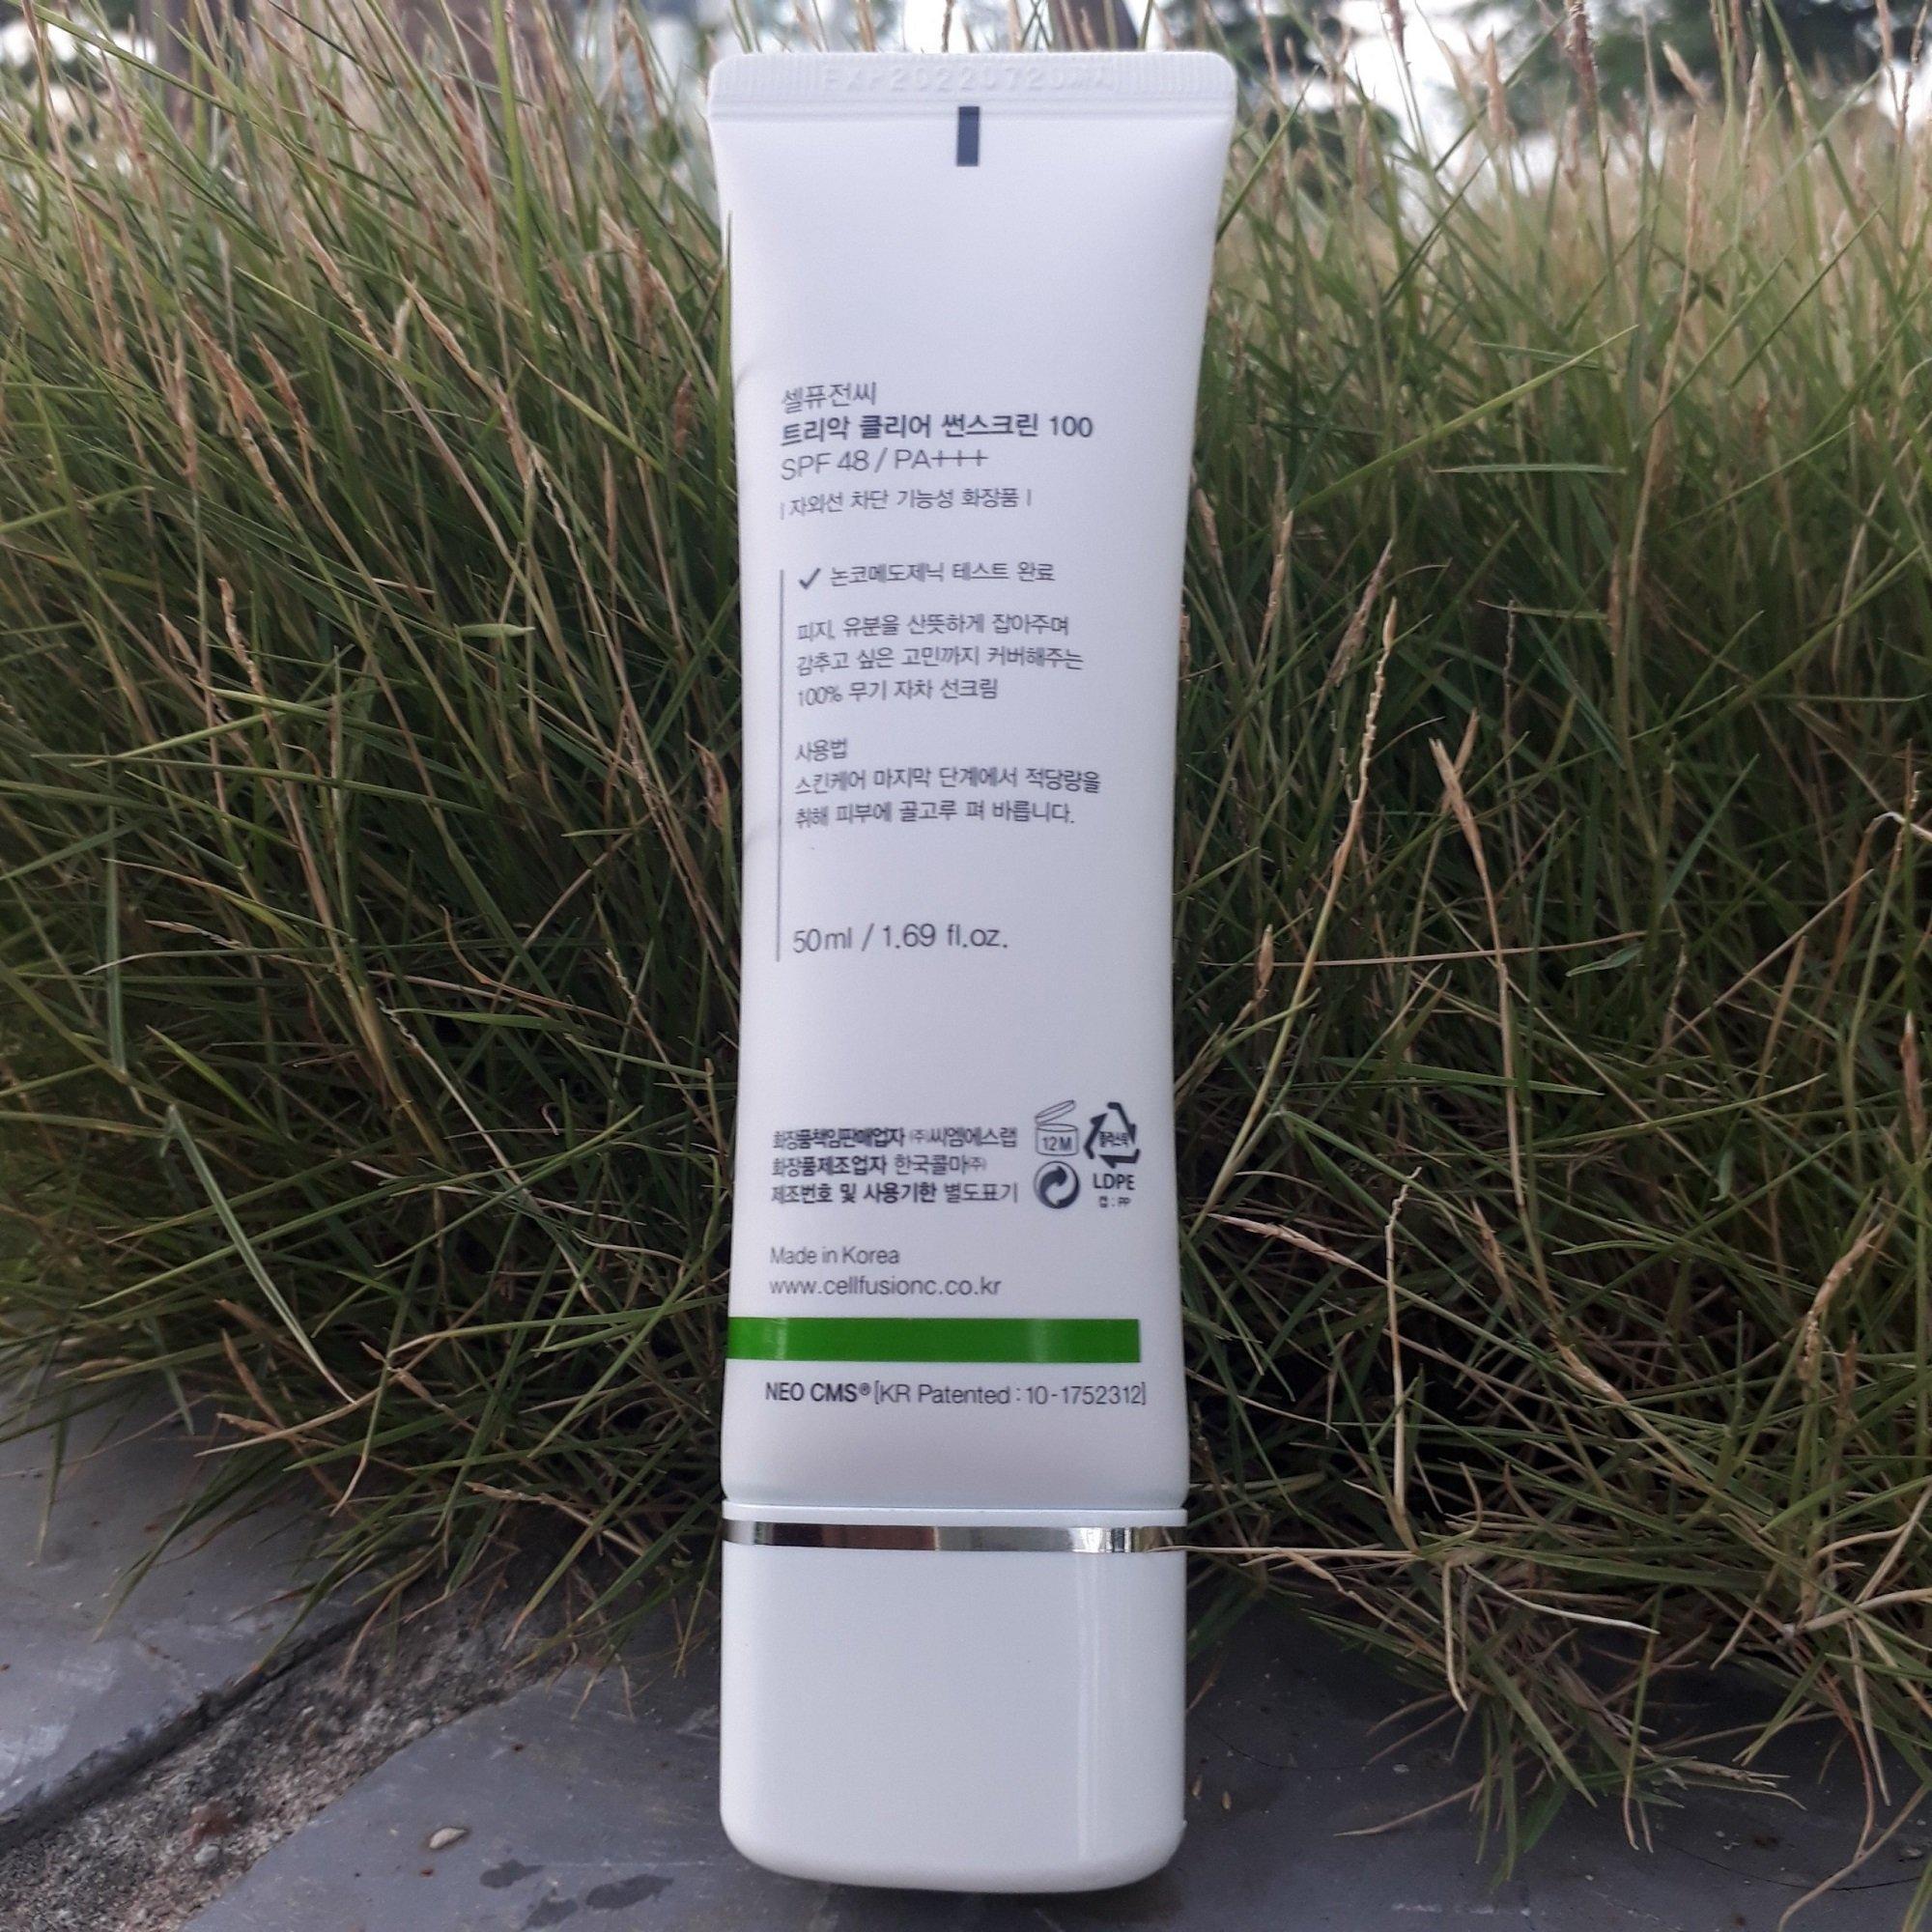 Kem chống nắng Céll Fùsion C Clear Sunscreen 100 SPF 48+/PA+++ tiệp màu da tự nhiên, che phủ khuyết điểm tốt và điều trị mụn hiệu quả (ảnh: BlogAnChoi).